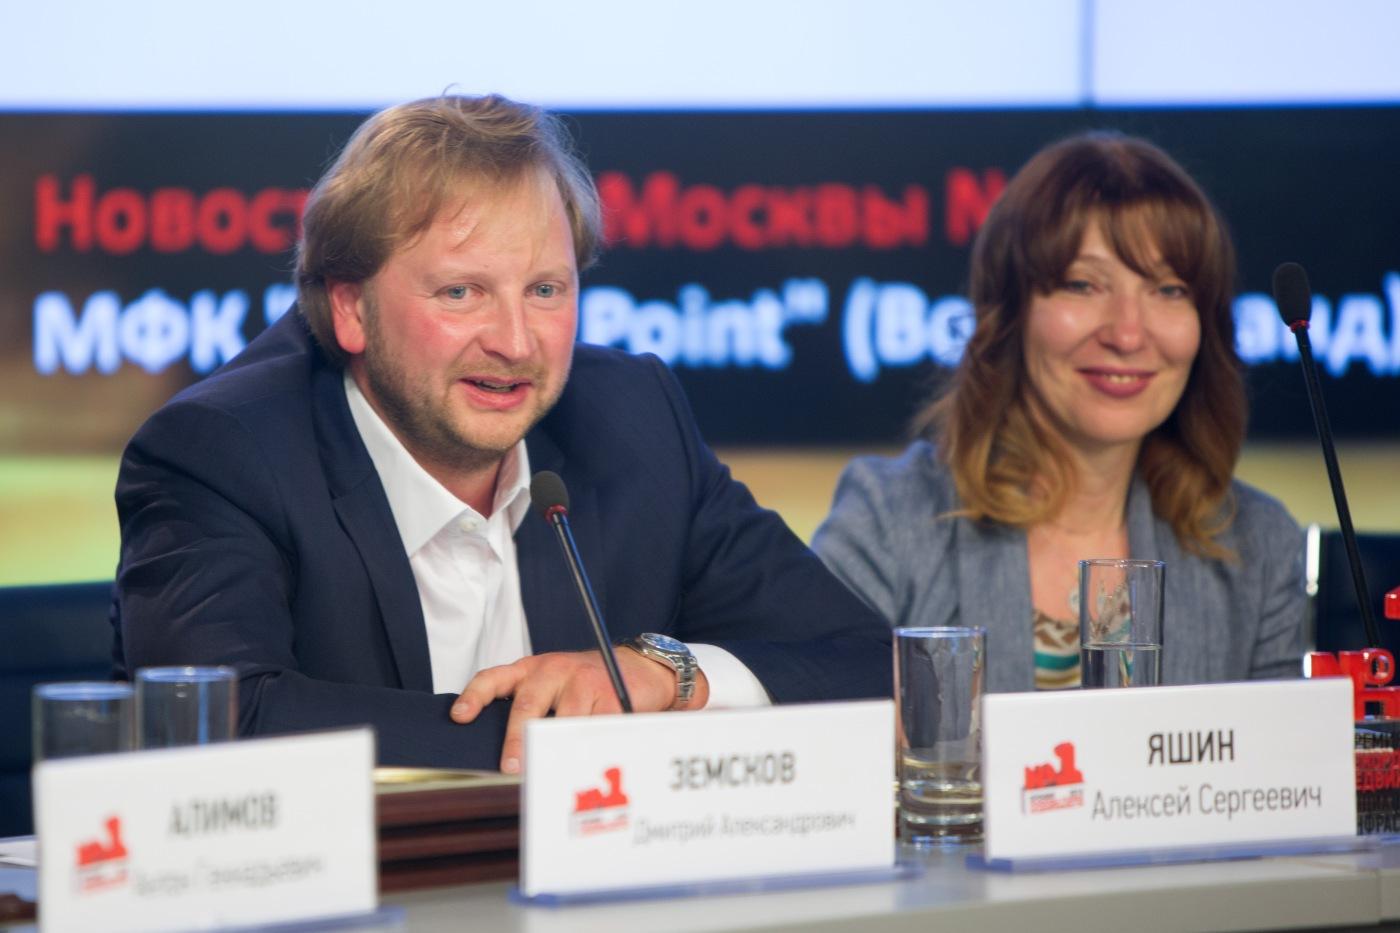 Яшин Алексей, Генеральный директор, Волей Гранд